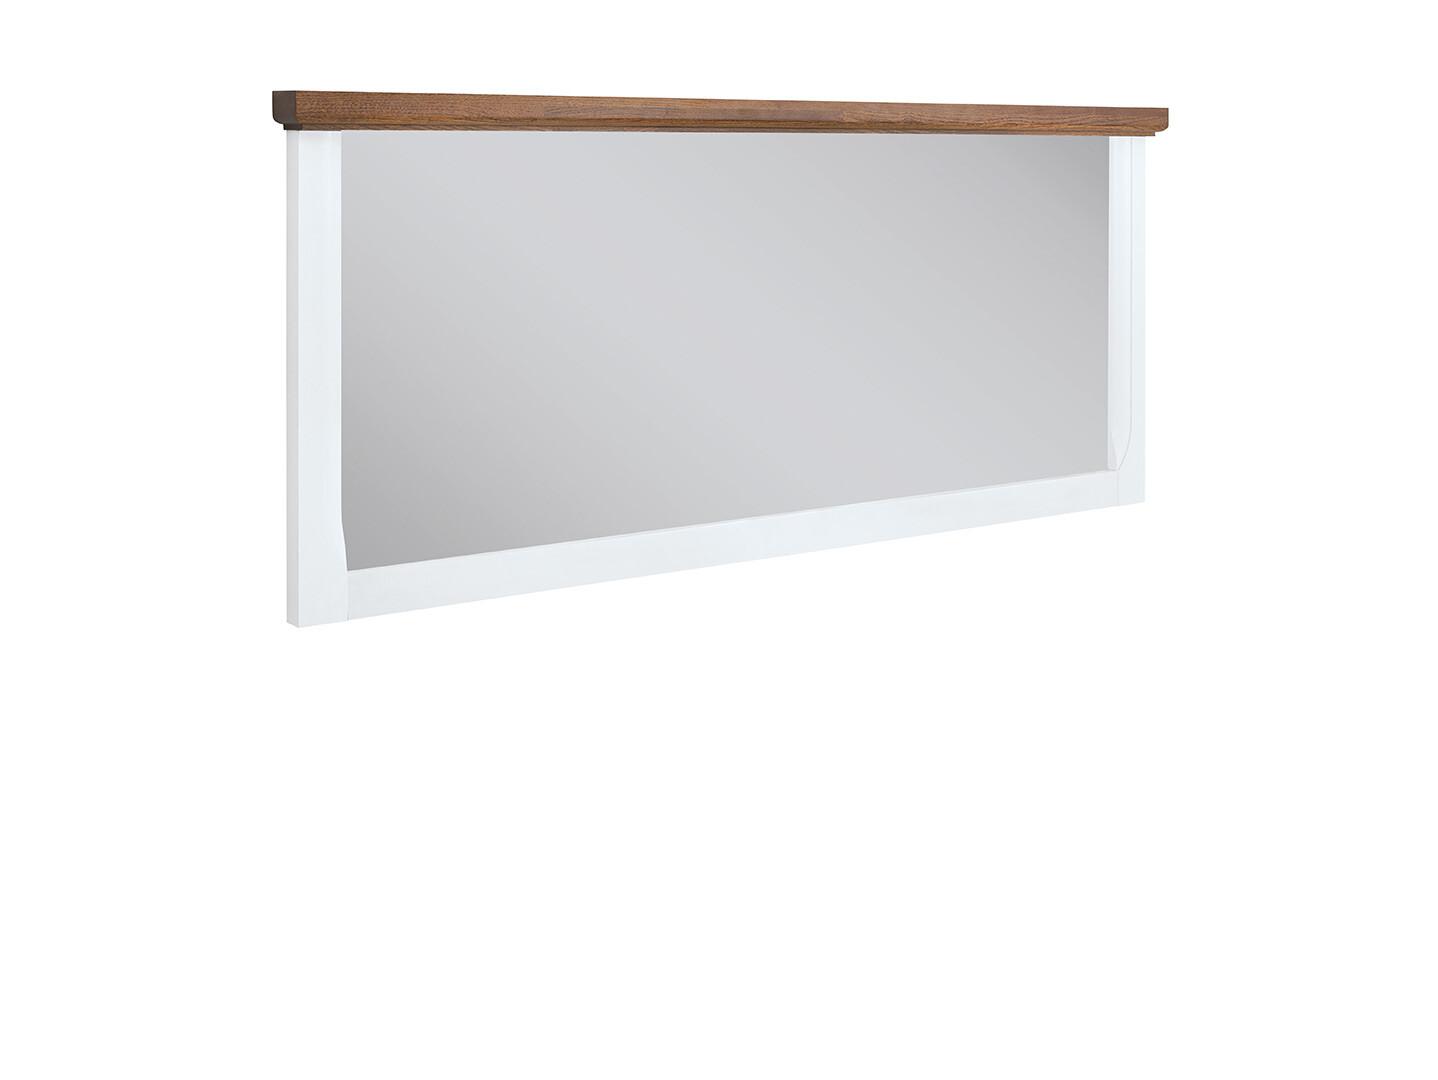 Zrkadlo KALIO LUS biely lesk/ akácia zlatá